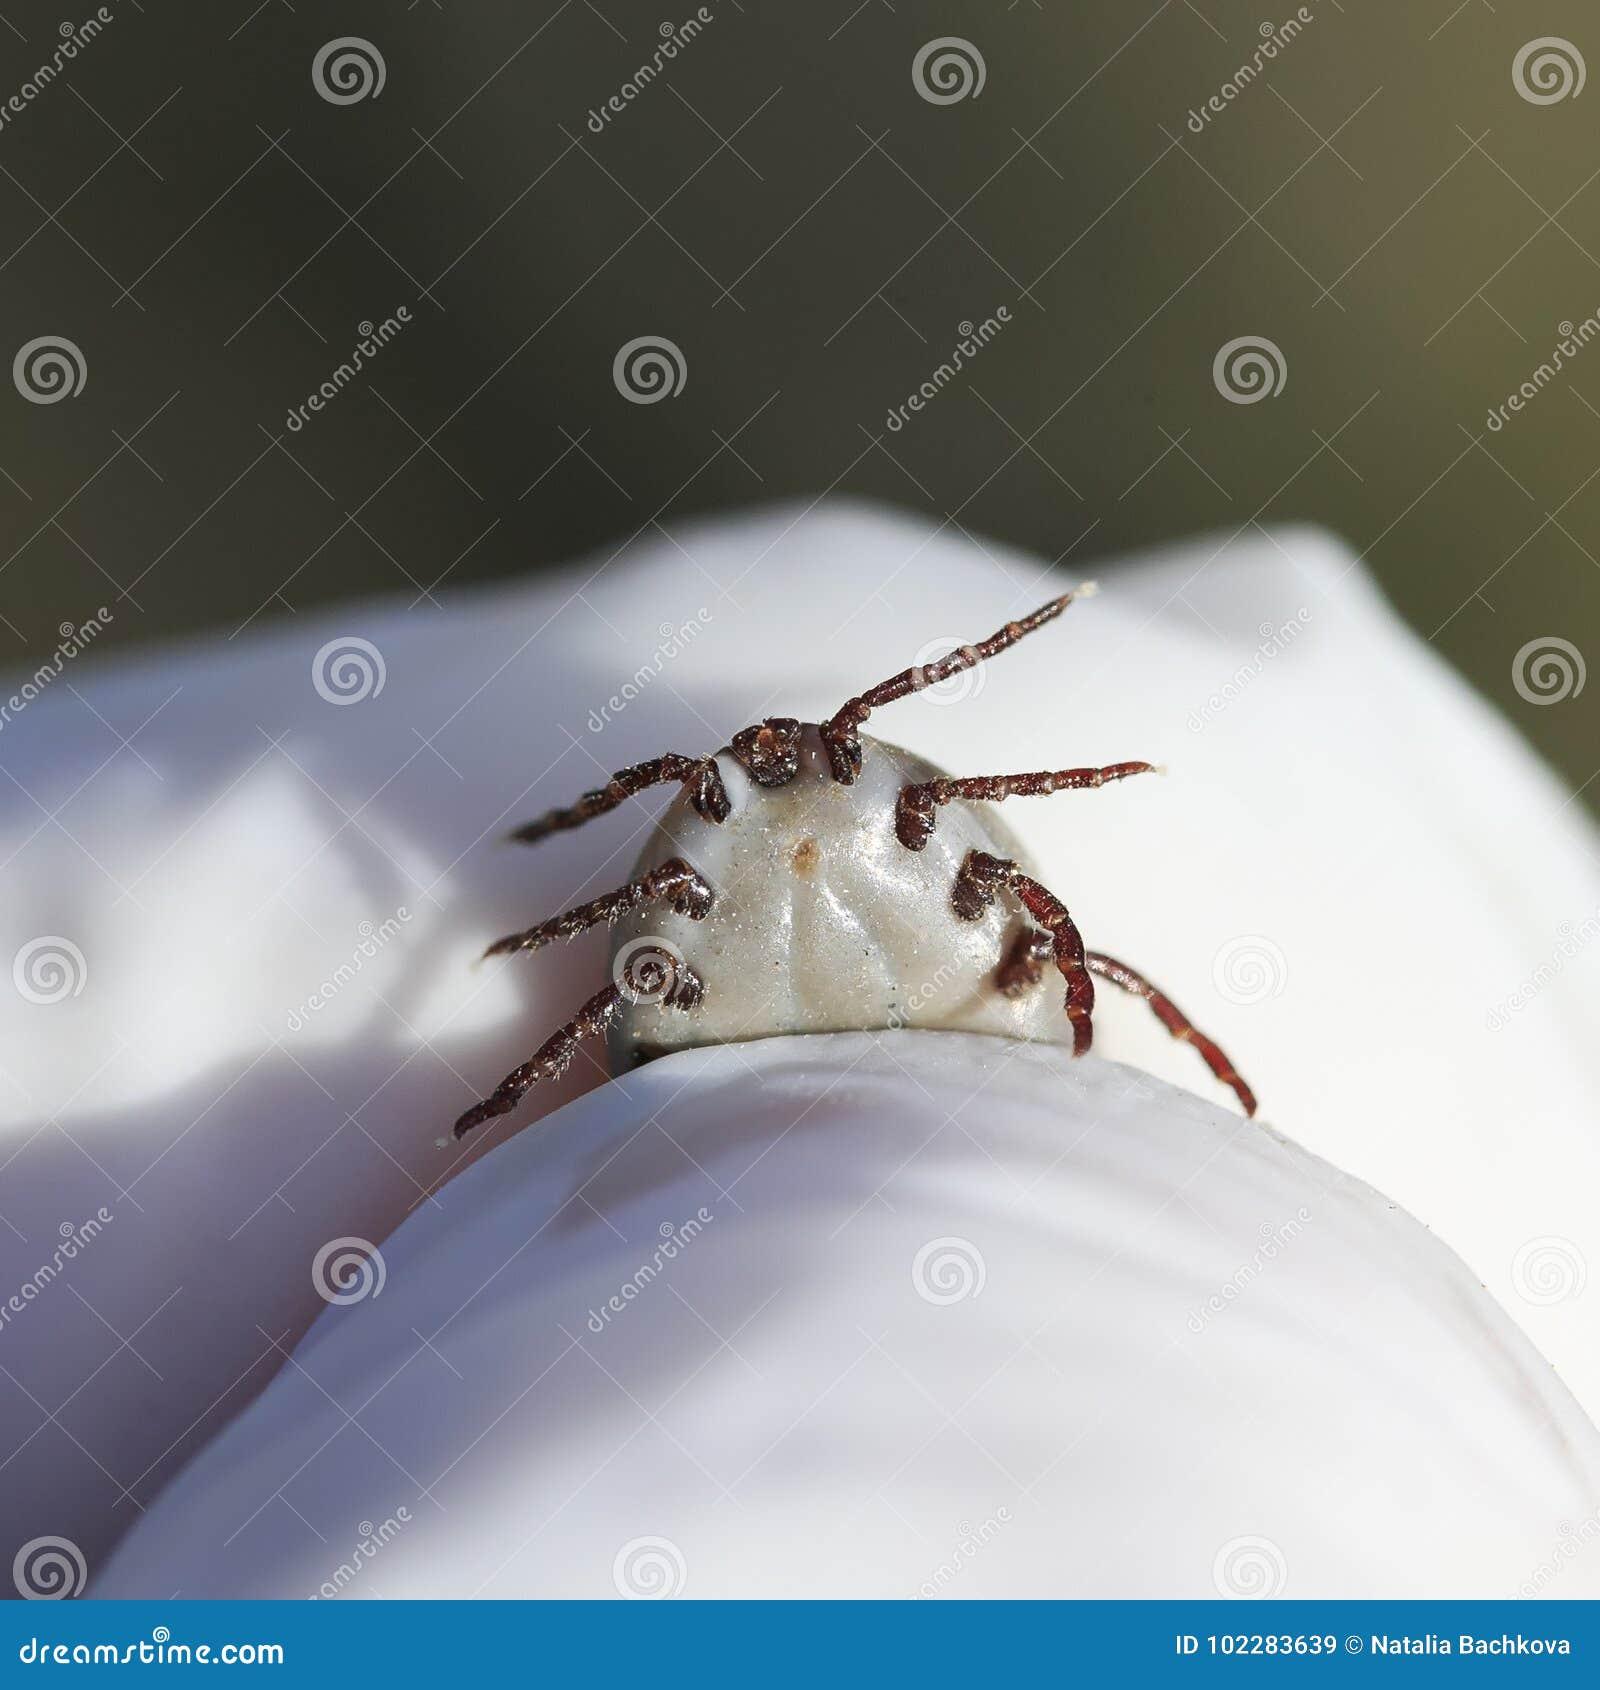 La mano en guantes sostiene el ácaro contagioso dañino del insecto quitado de